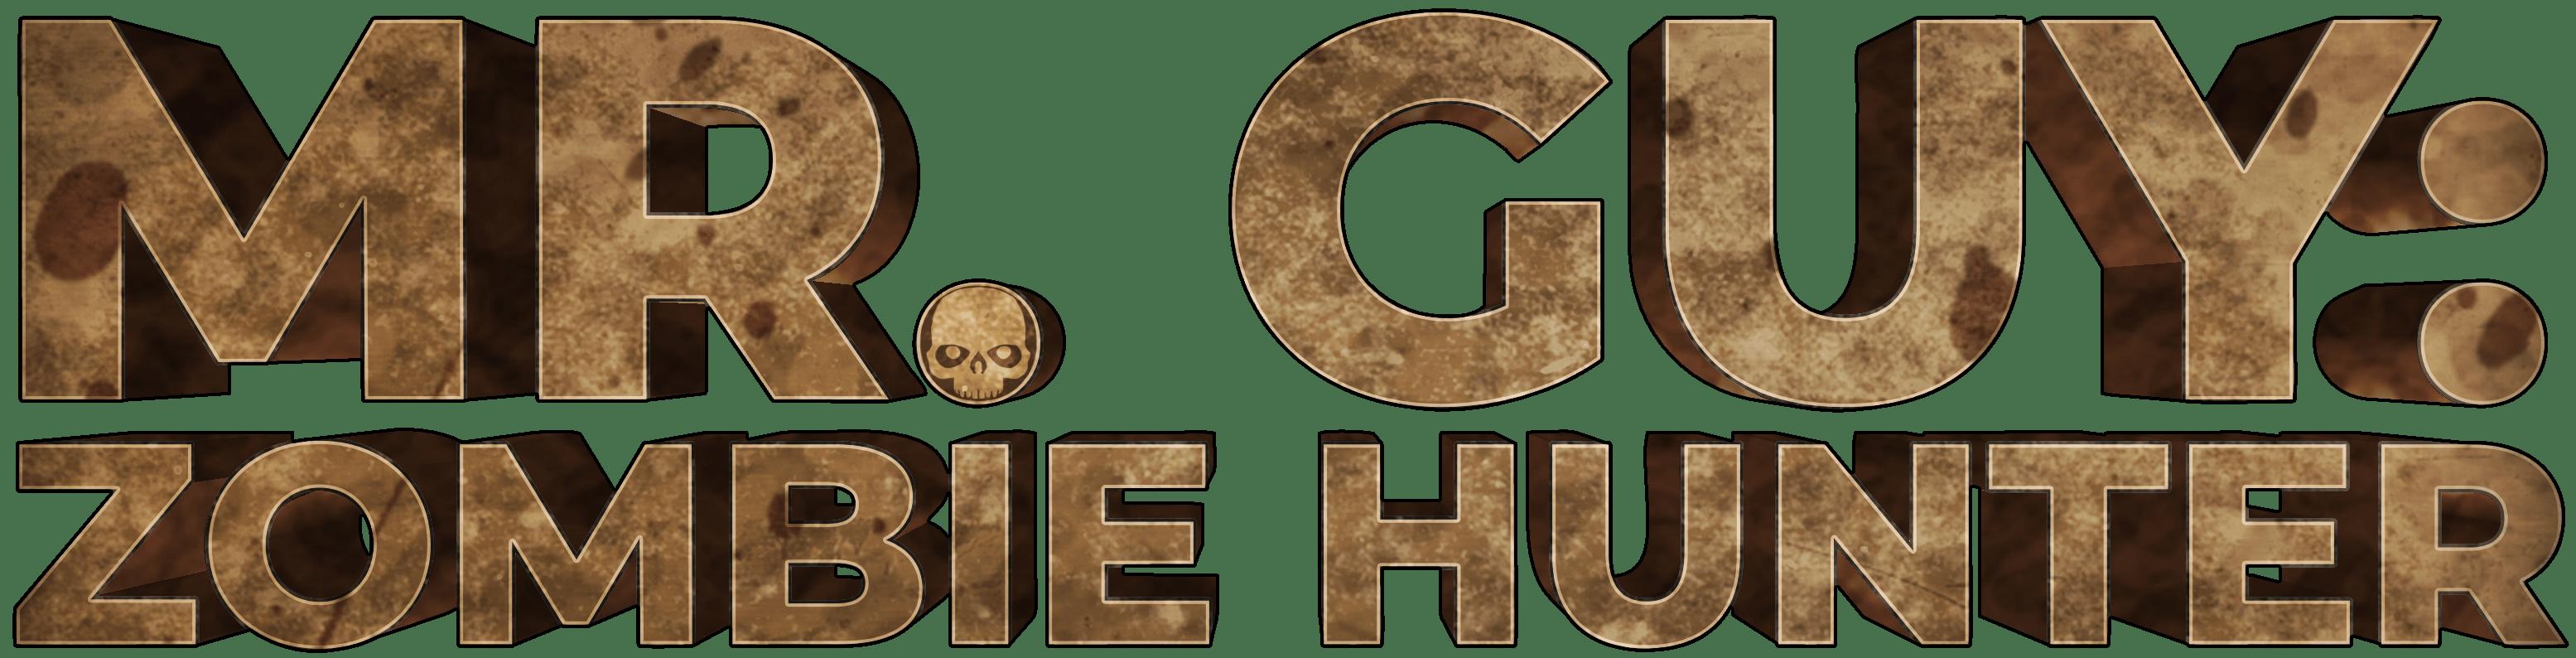 Mr. Guy: Zombie Hunter